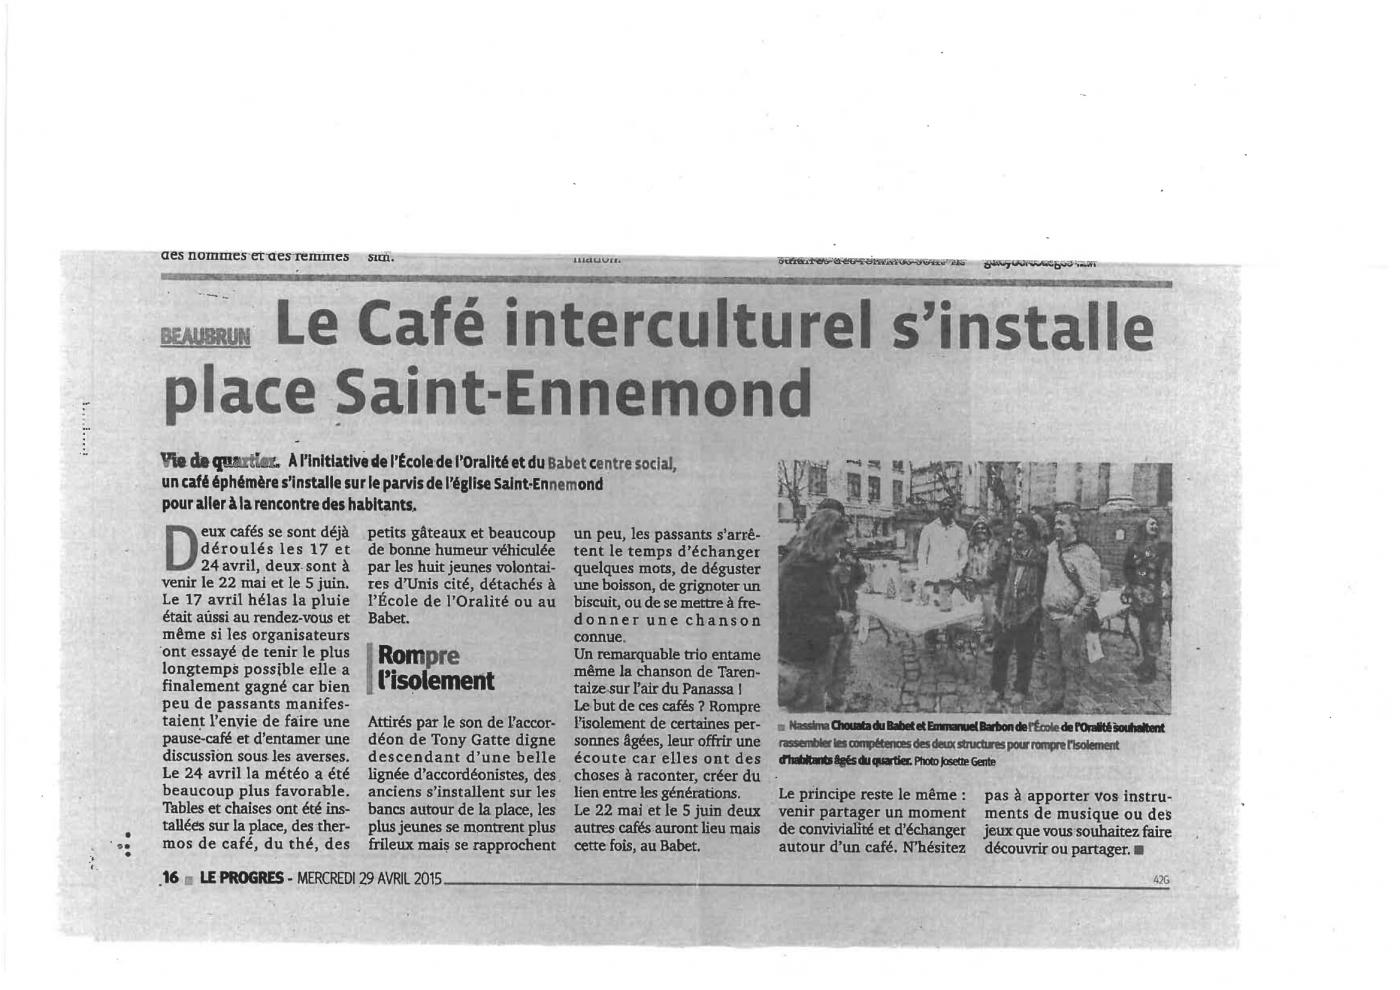 article : Le Café interculturel s'installe place Saint-Ennemond